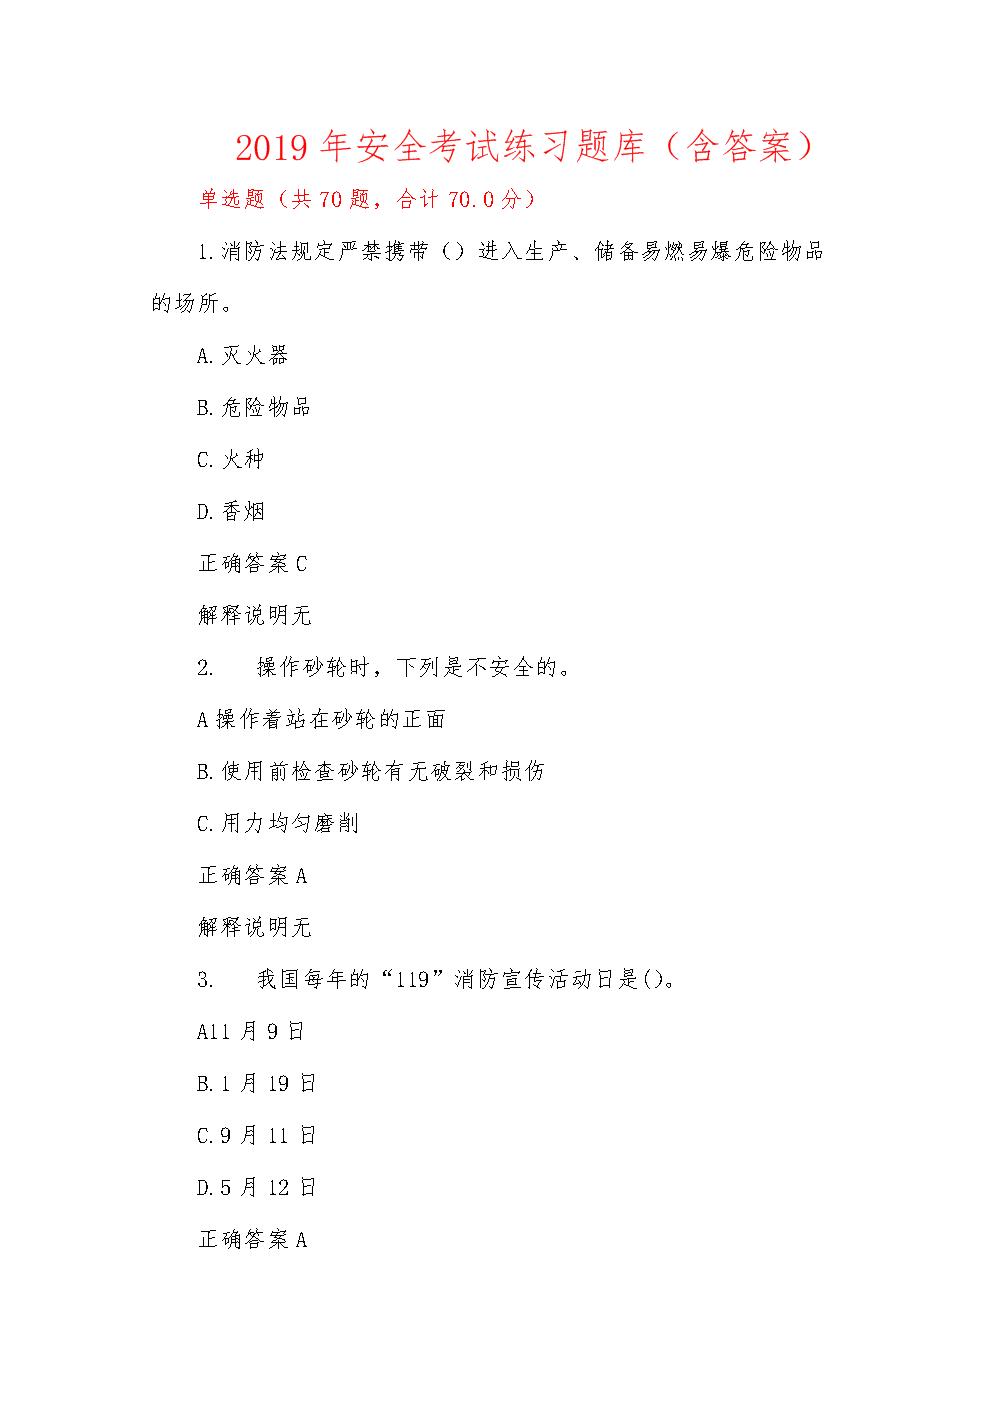 2019年安全考试练习题库(含答案).doc